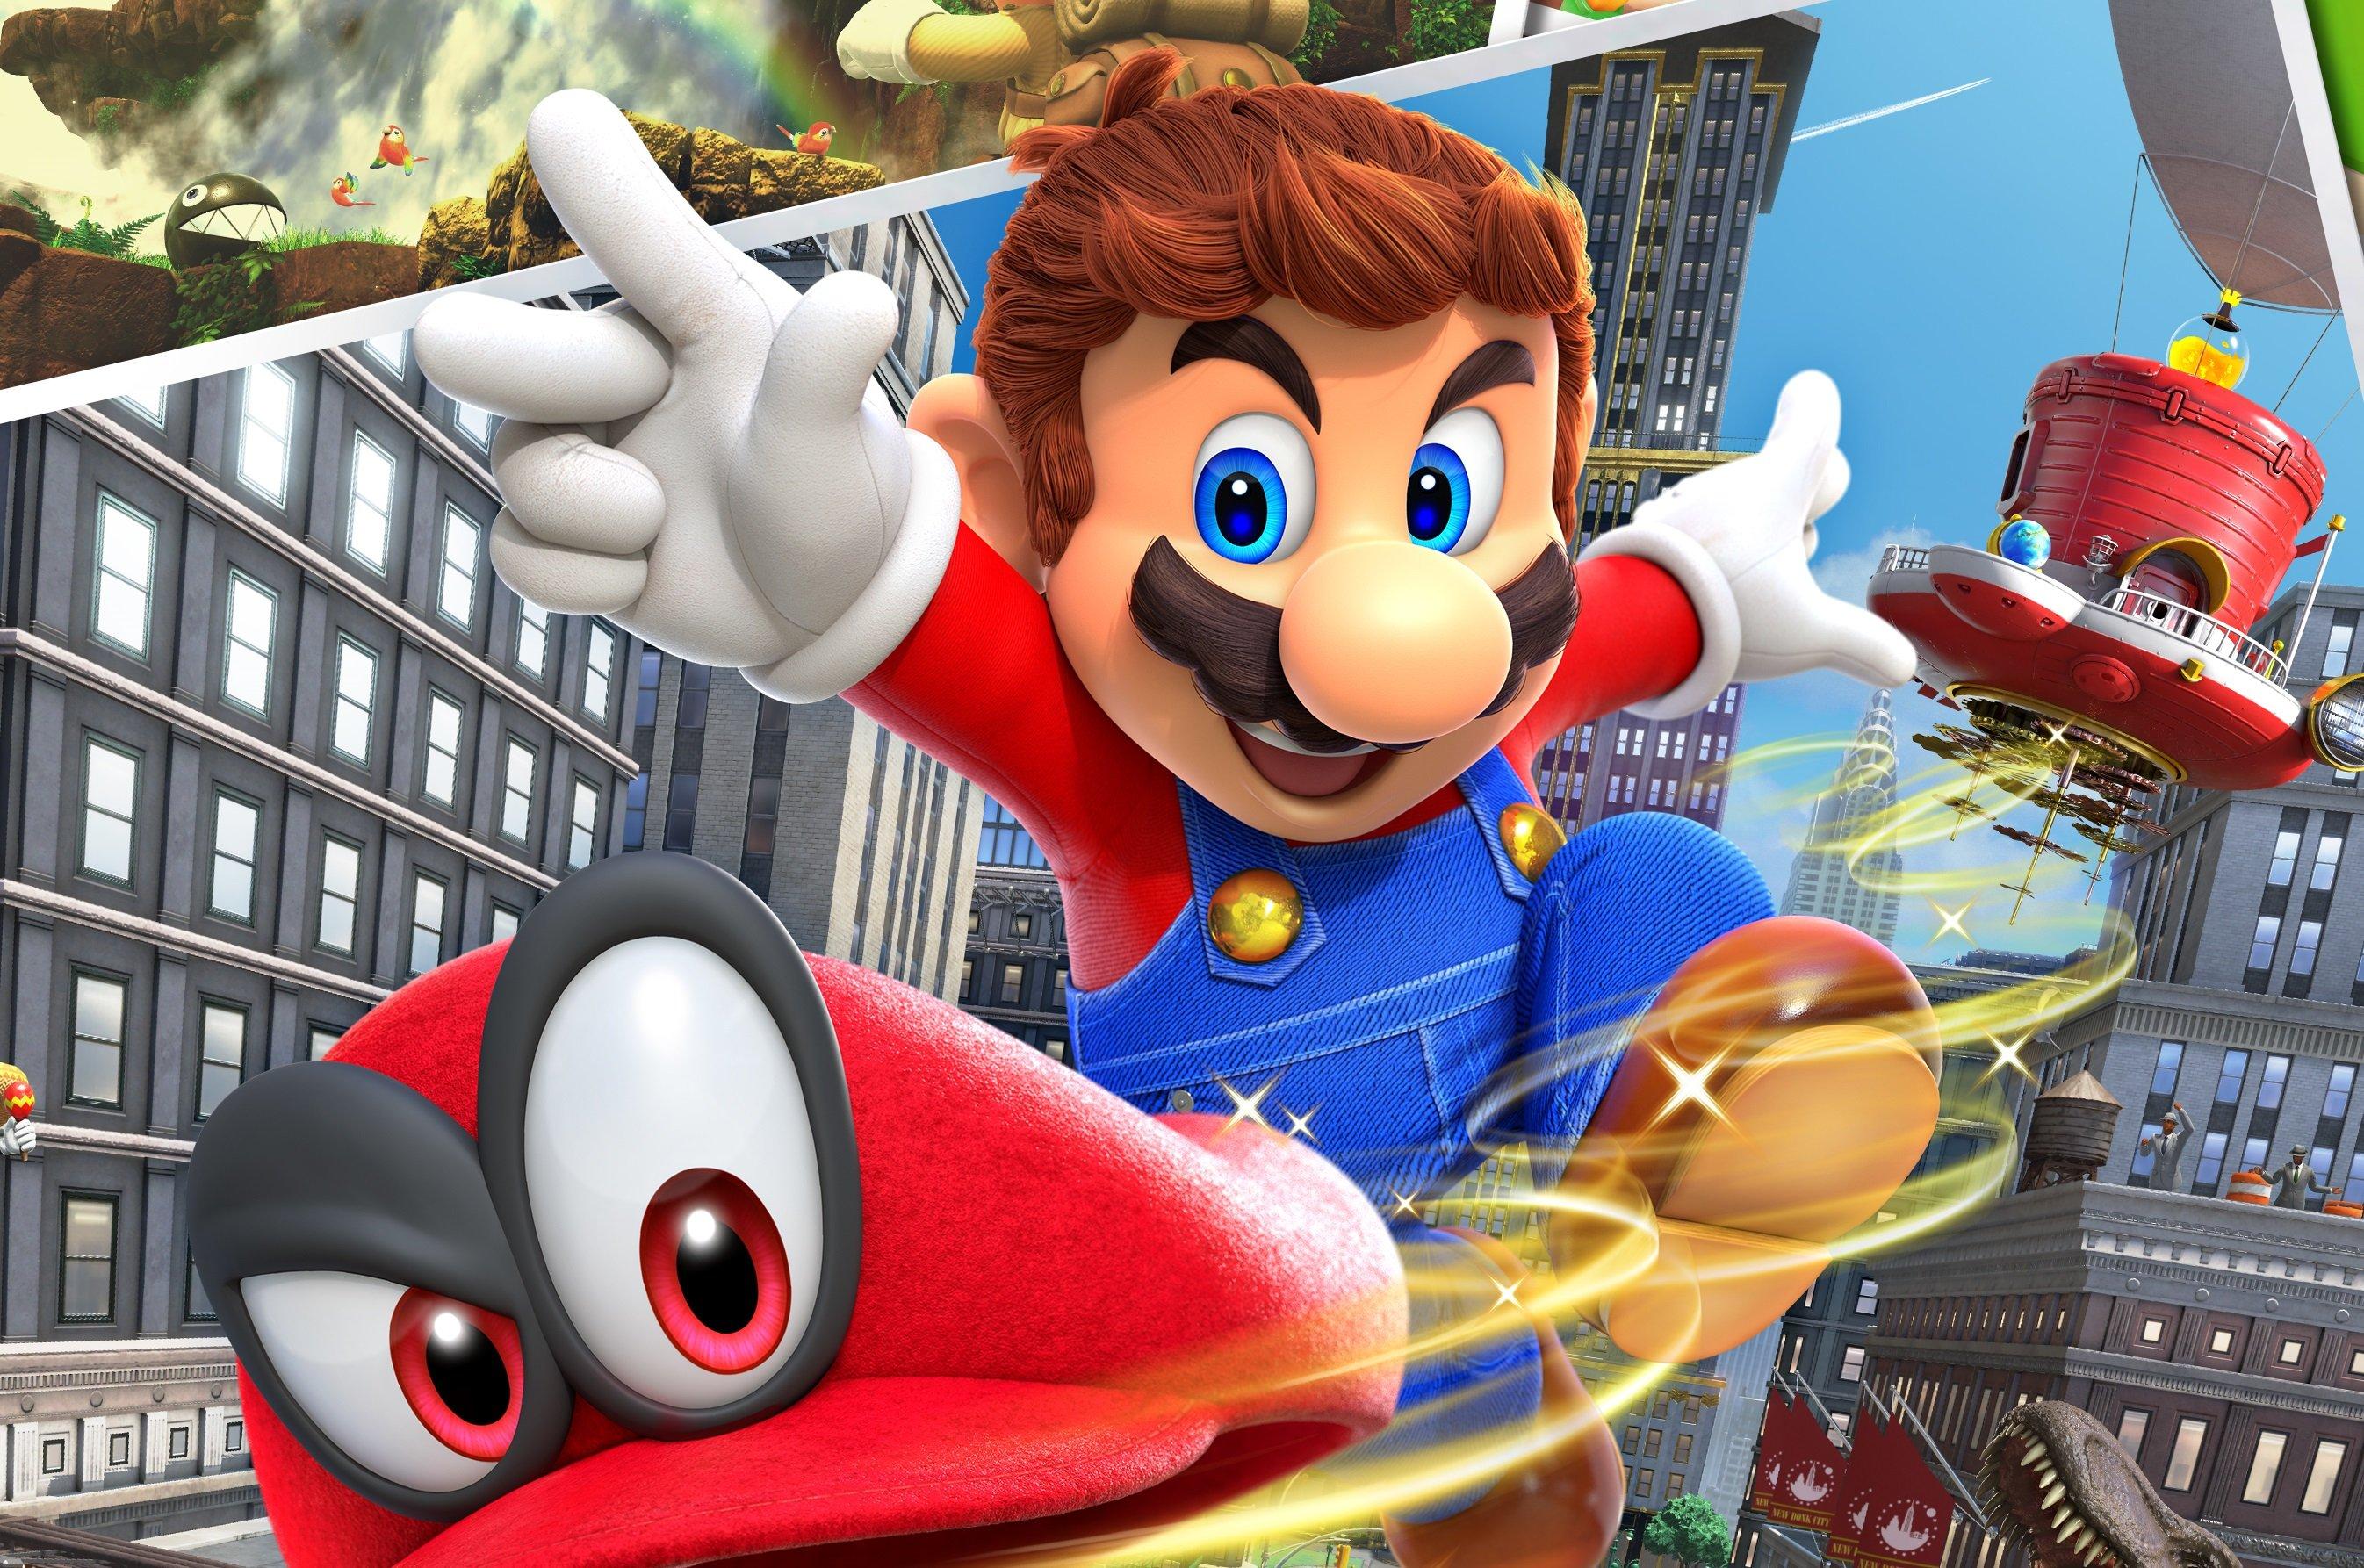 Les taquineries de Nintendo sur Mario Sunshine sont-elles remastérisées ?